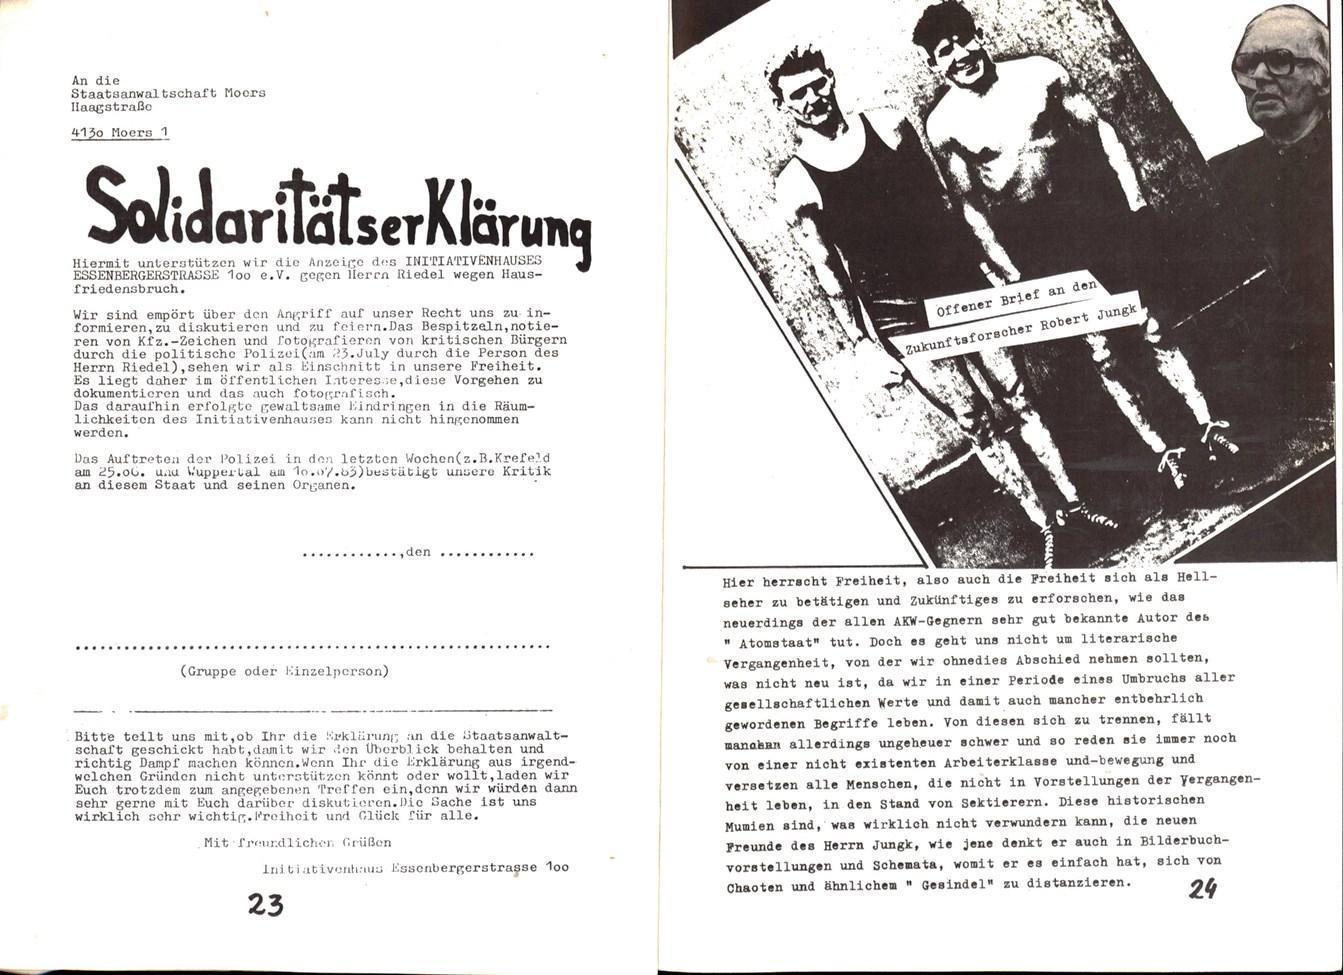 NRW_AKW_LKNRW_19830821_44_13